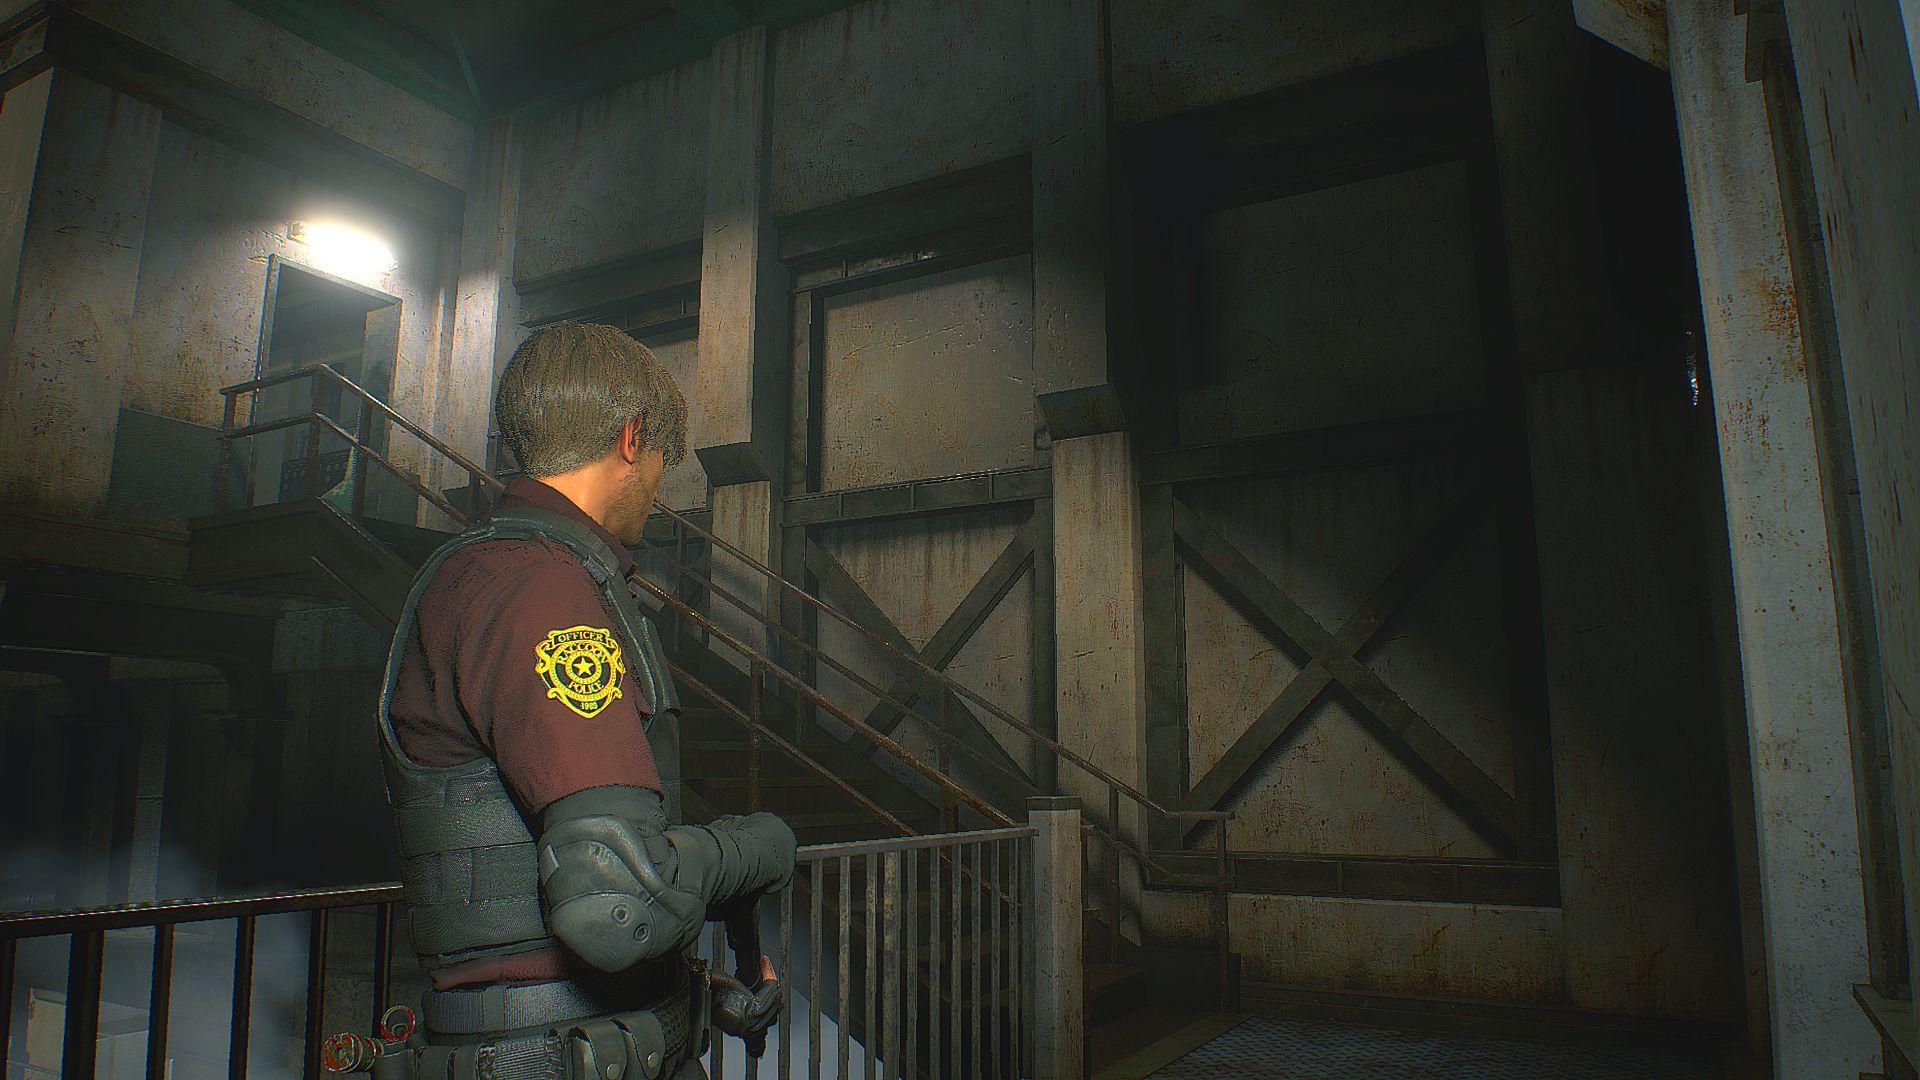 000719.Jpg - Resident Evil 2